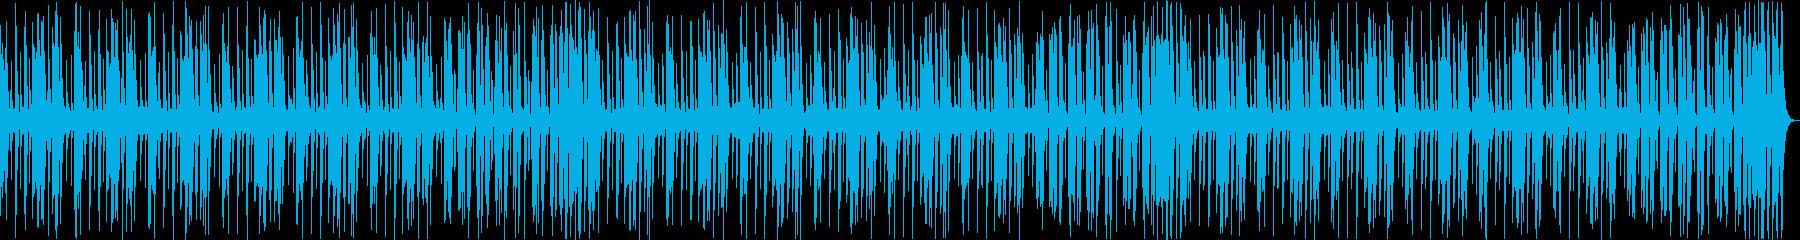 コミカル軽快かわいい日常楽しいCM aの再生済みの波形